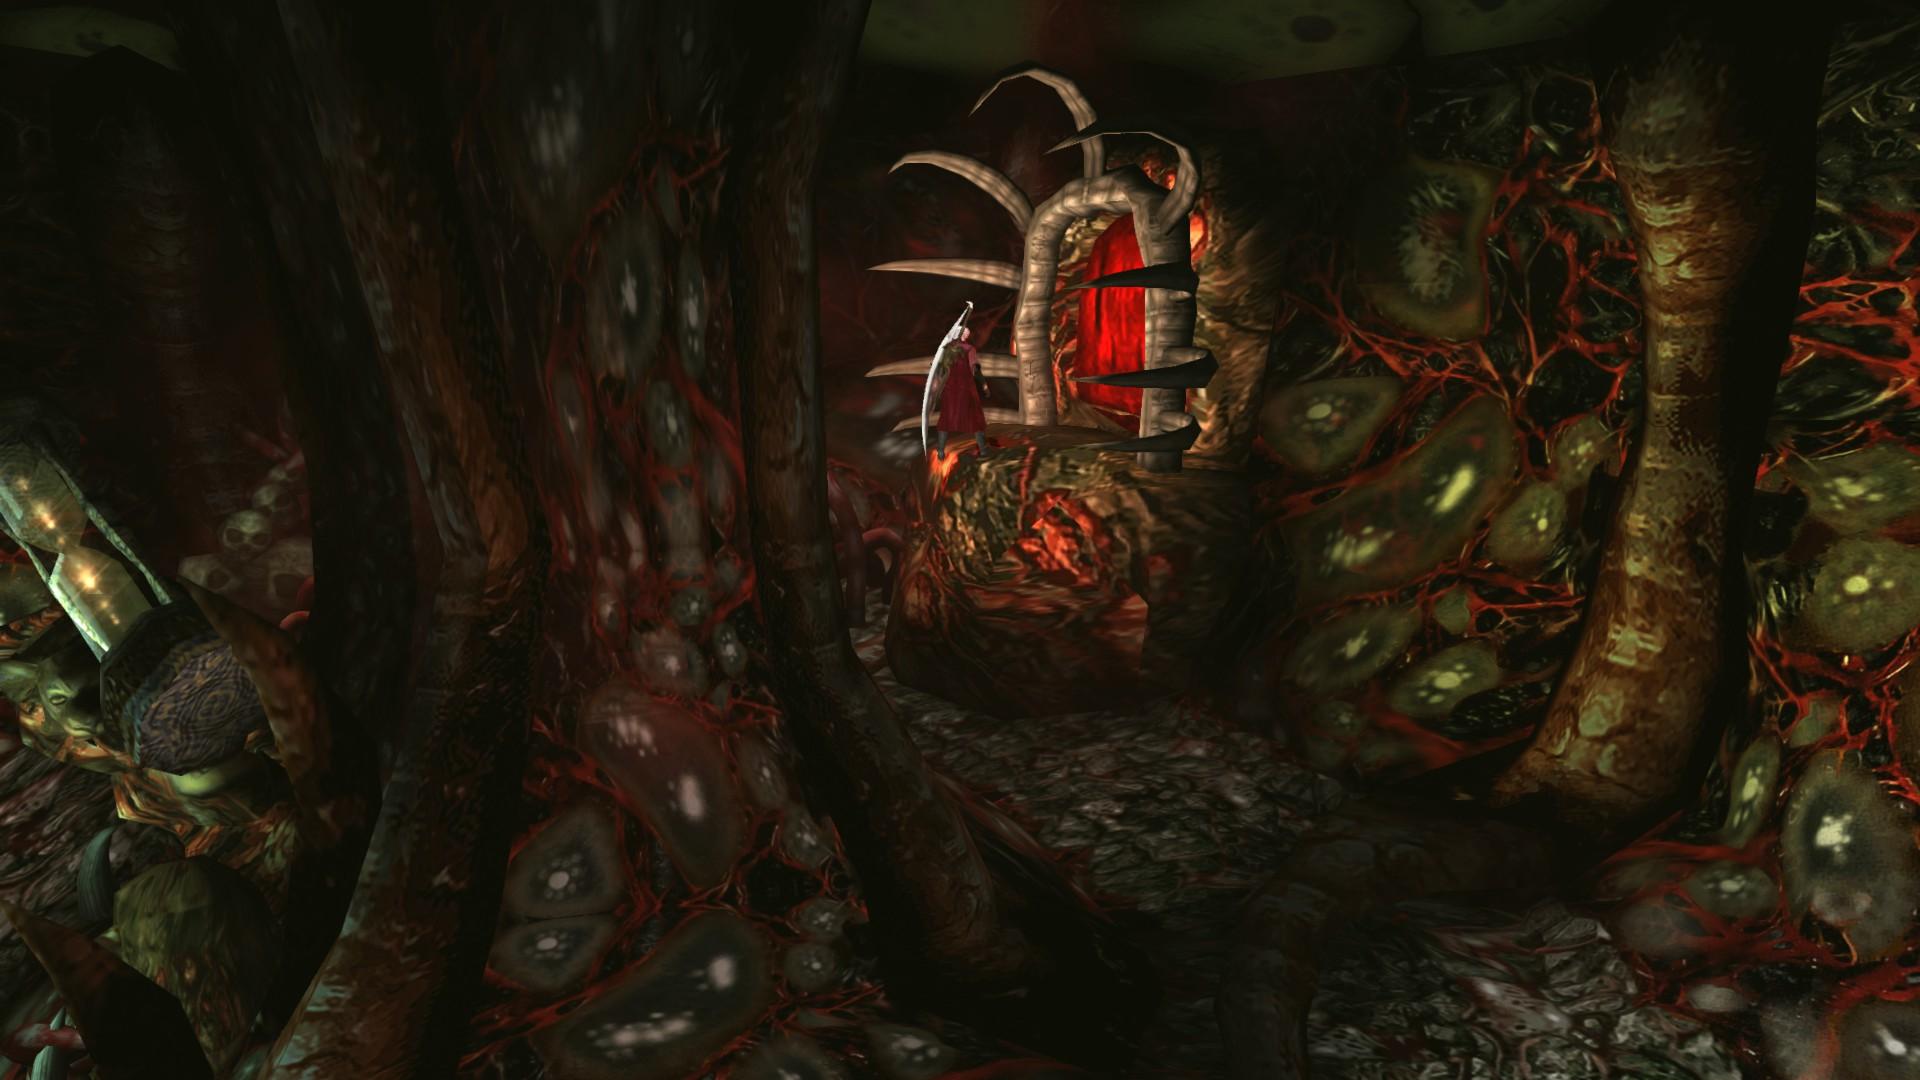 Пост-прохождение Devil May Cry Часть 7. - Изображение 56